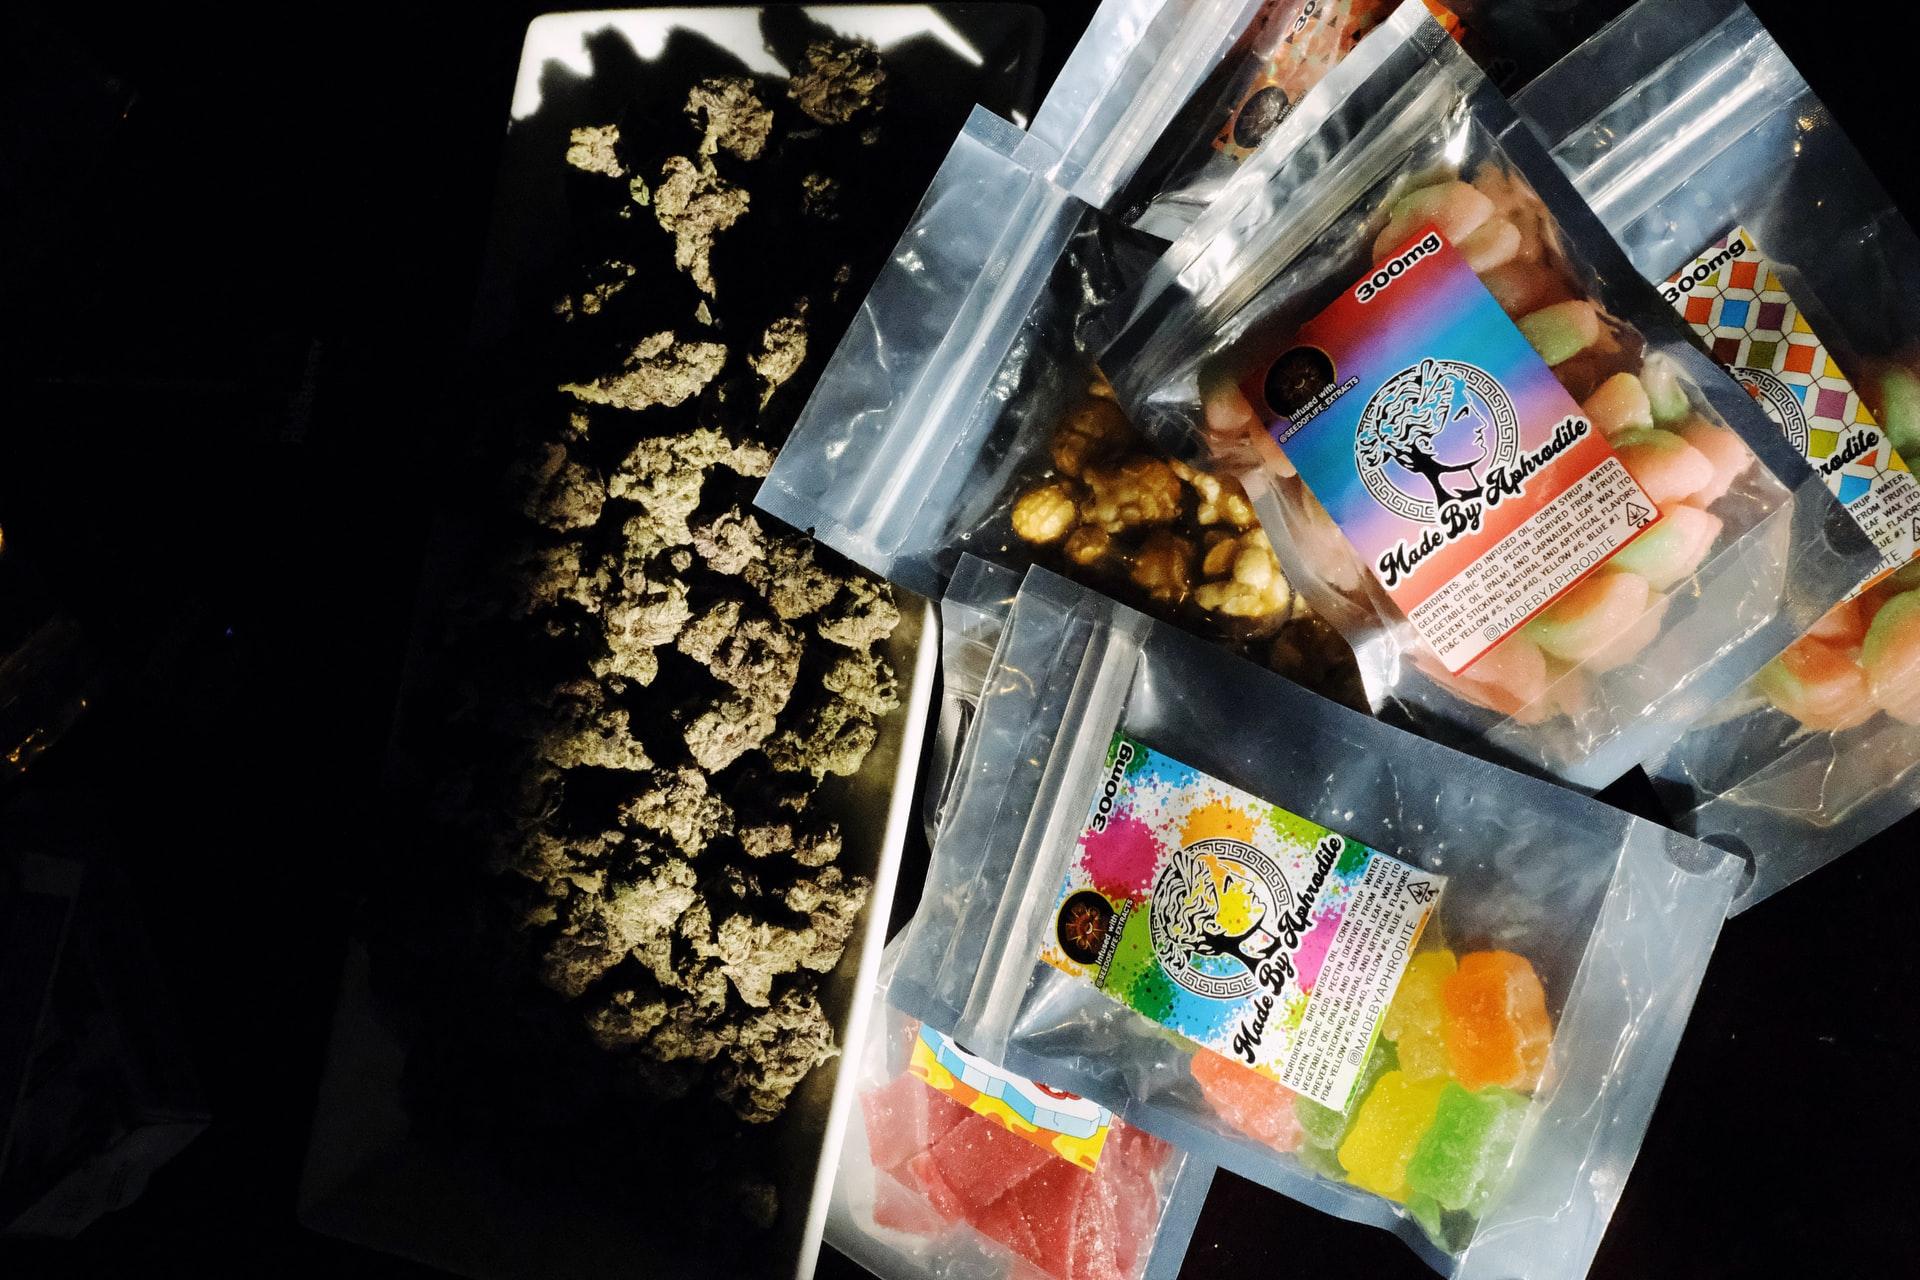 Nación Cannabis | Dosificación adecuada de cannabis: menos riesgos y más beneficios